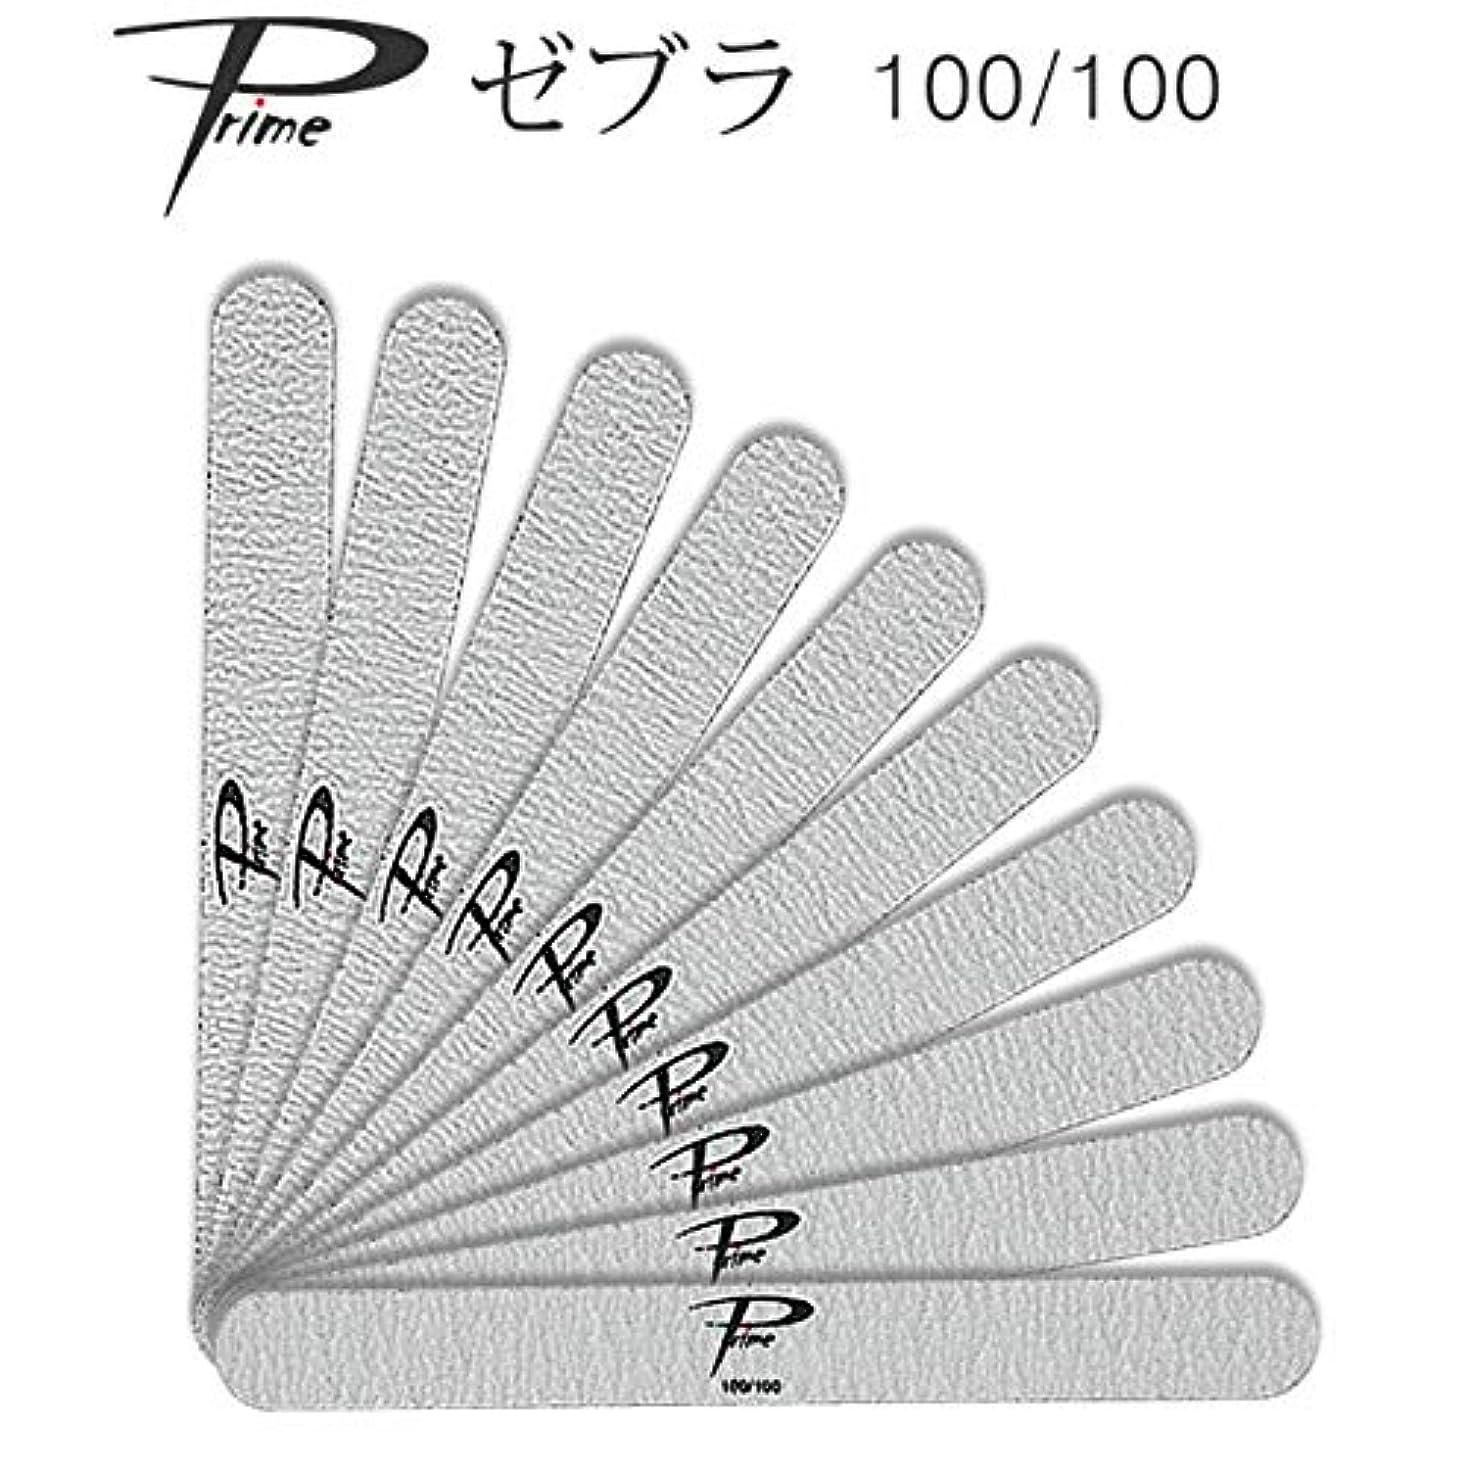 人間別々に探す10本セット Prime ゼブラファイル100/100